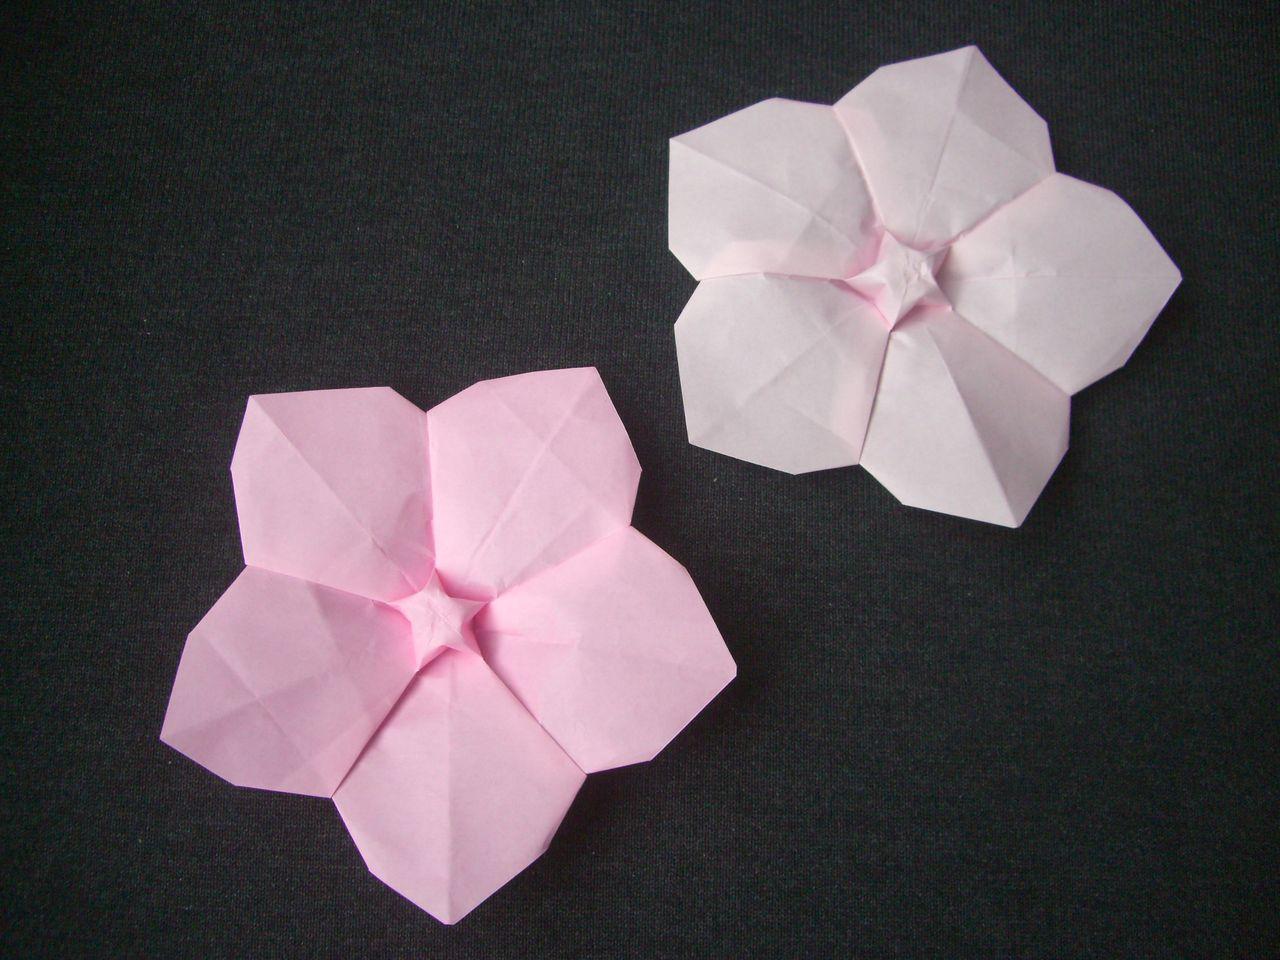 の 花 桃 折り紙